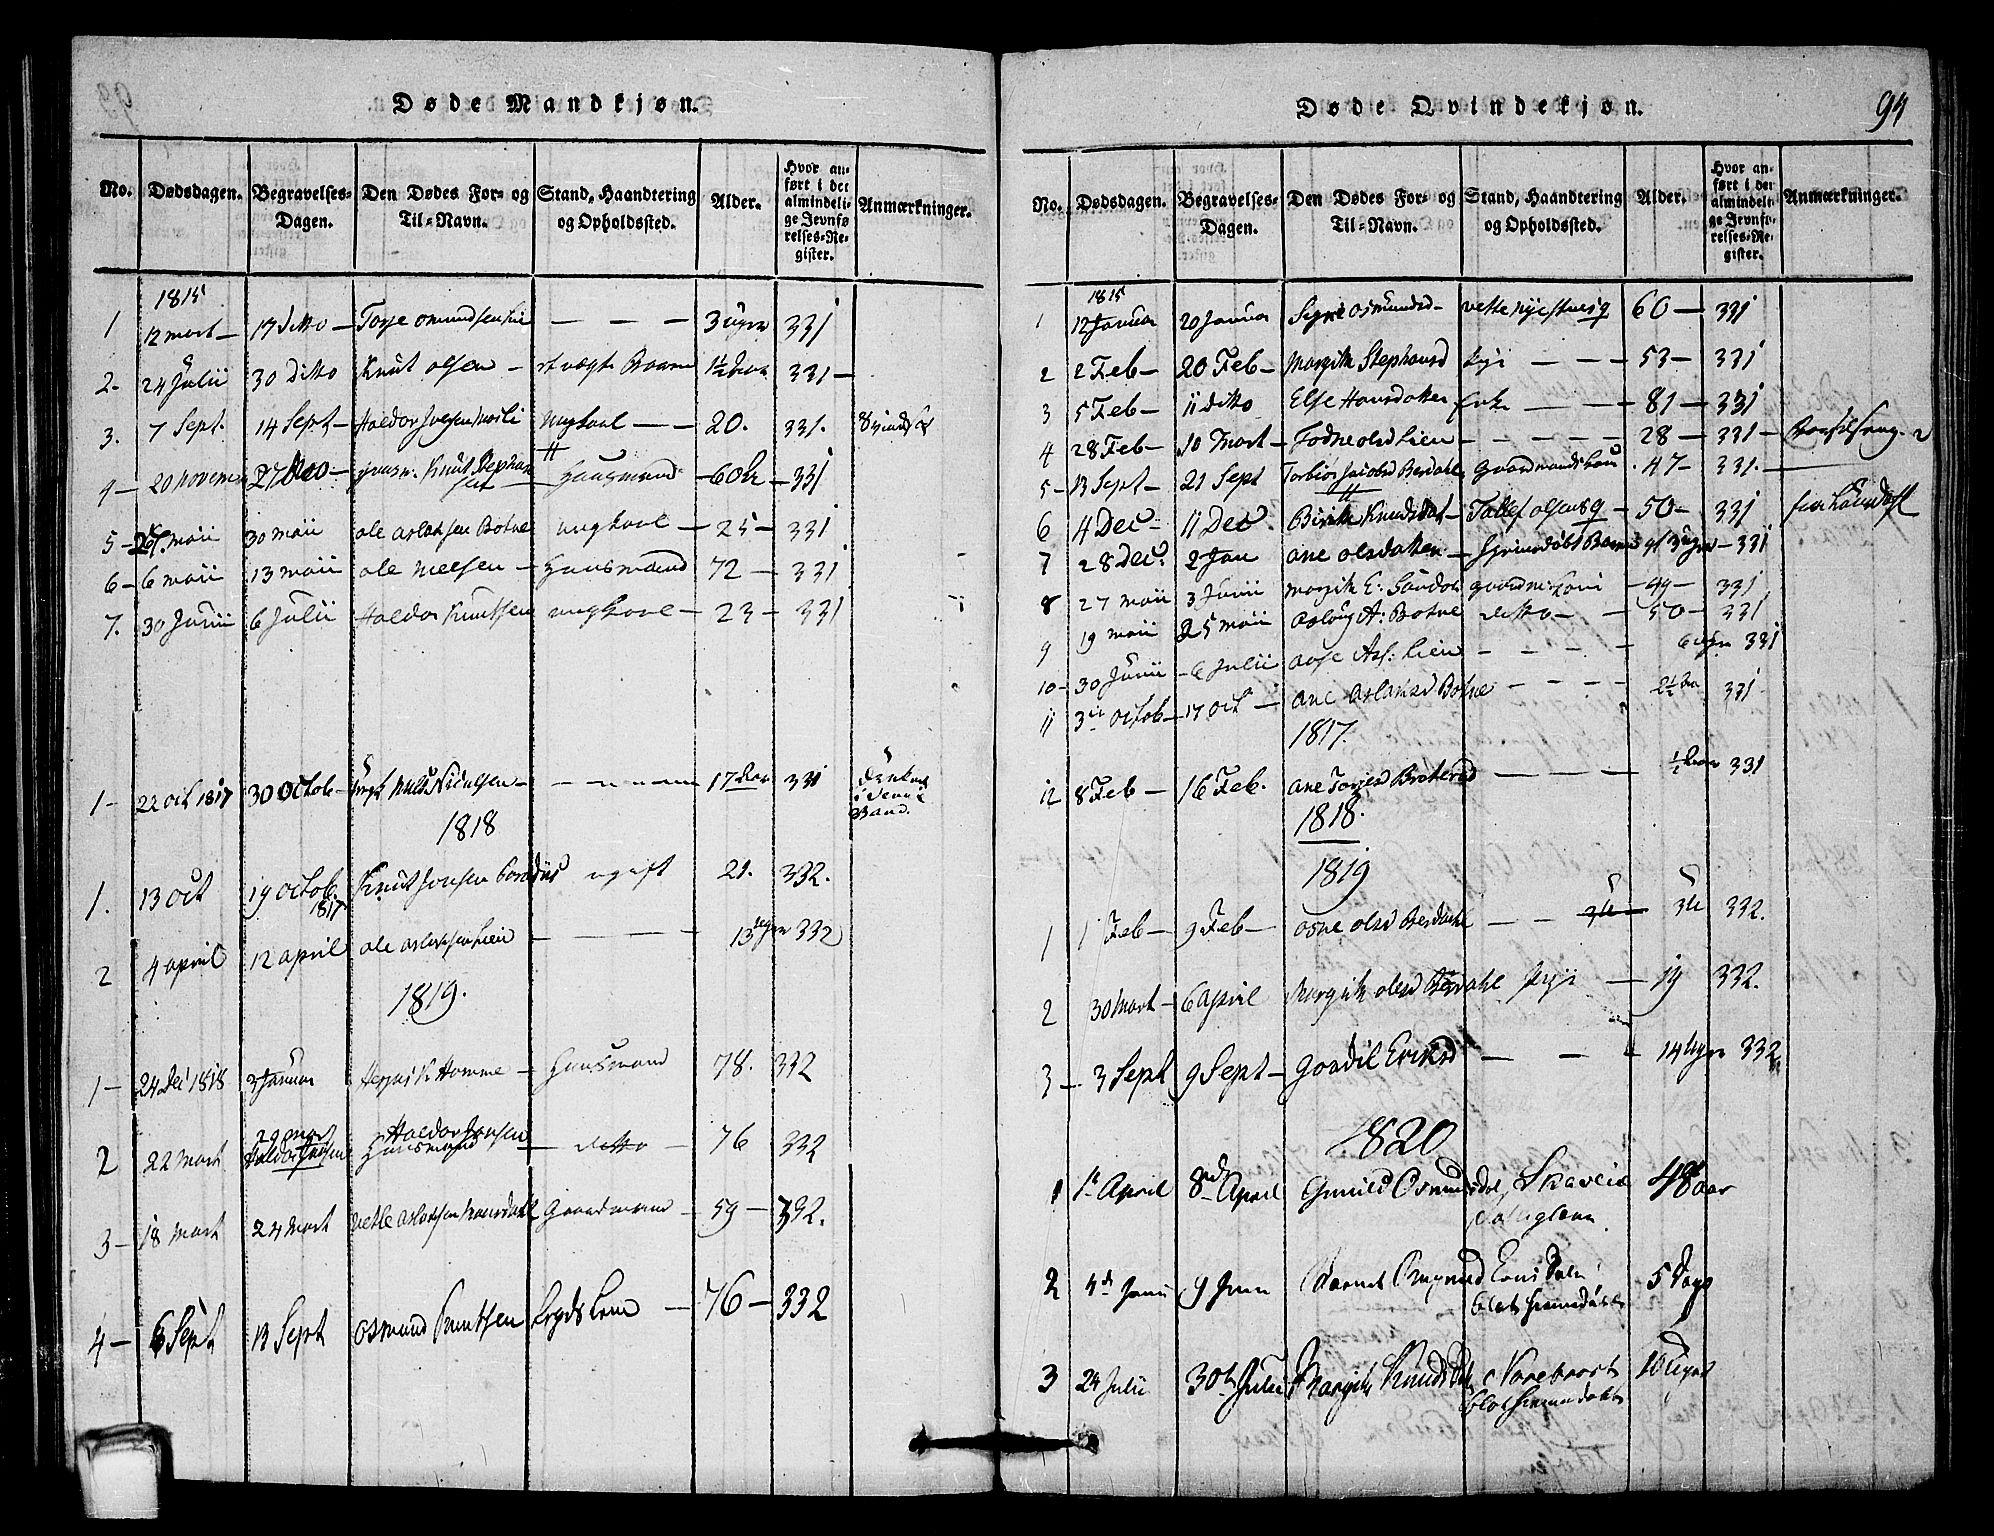 SAKO, Vinje kirkebøker, G/Gb/L0001: Klokkerbok nr. II 1, 1814-1843, s. 94